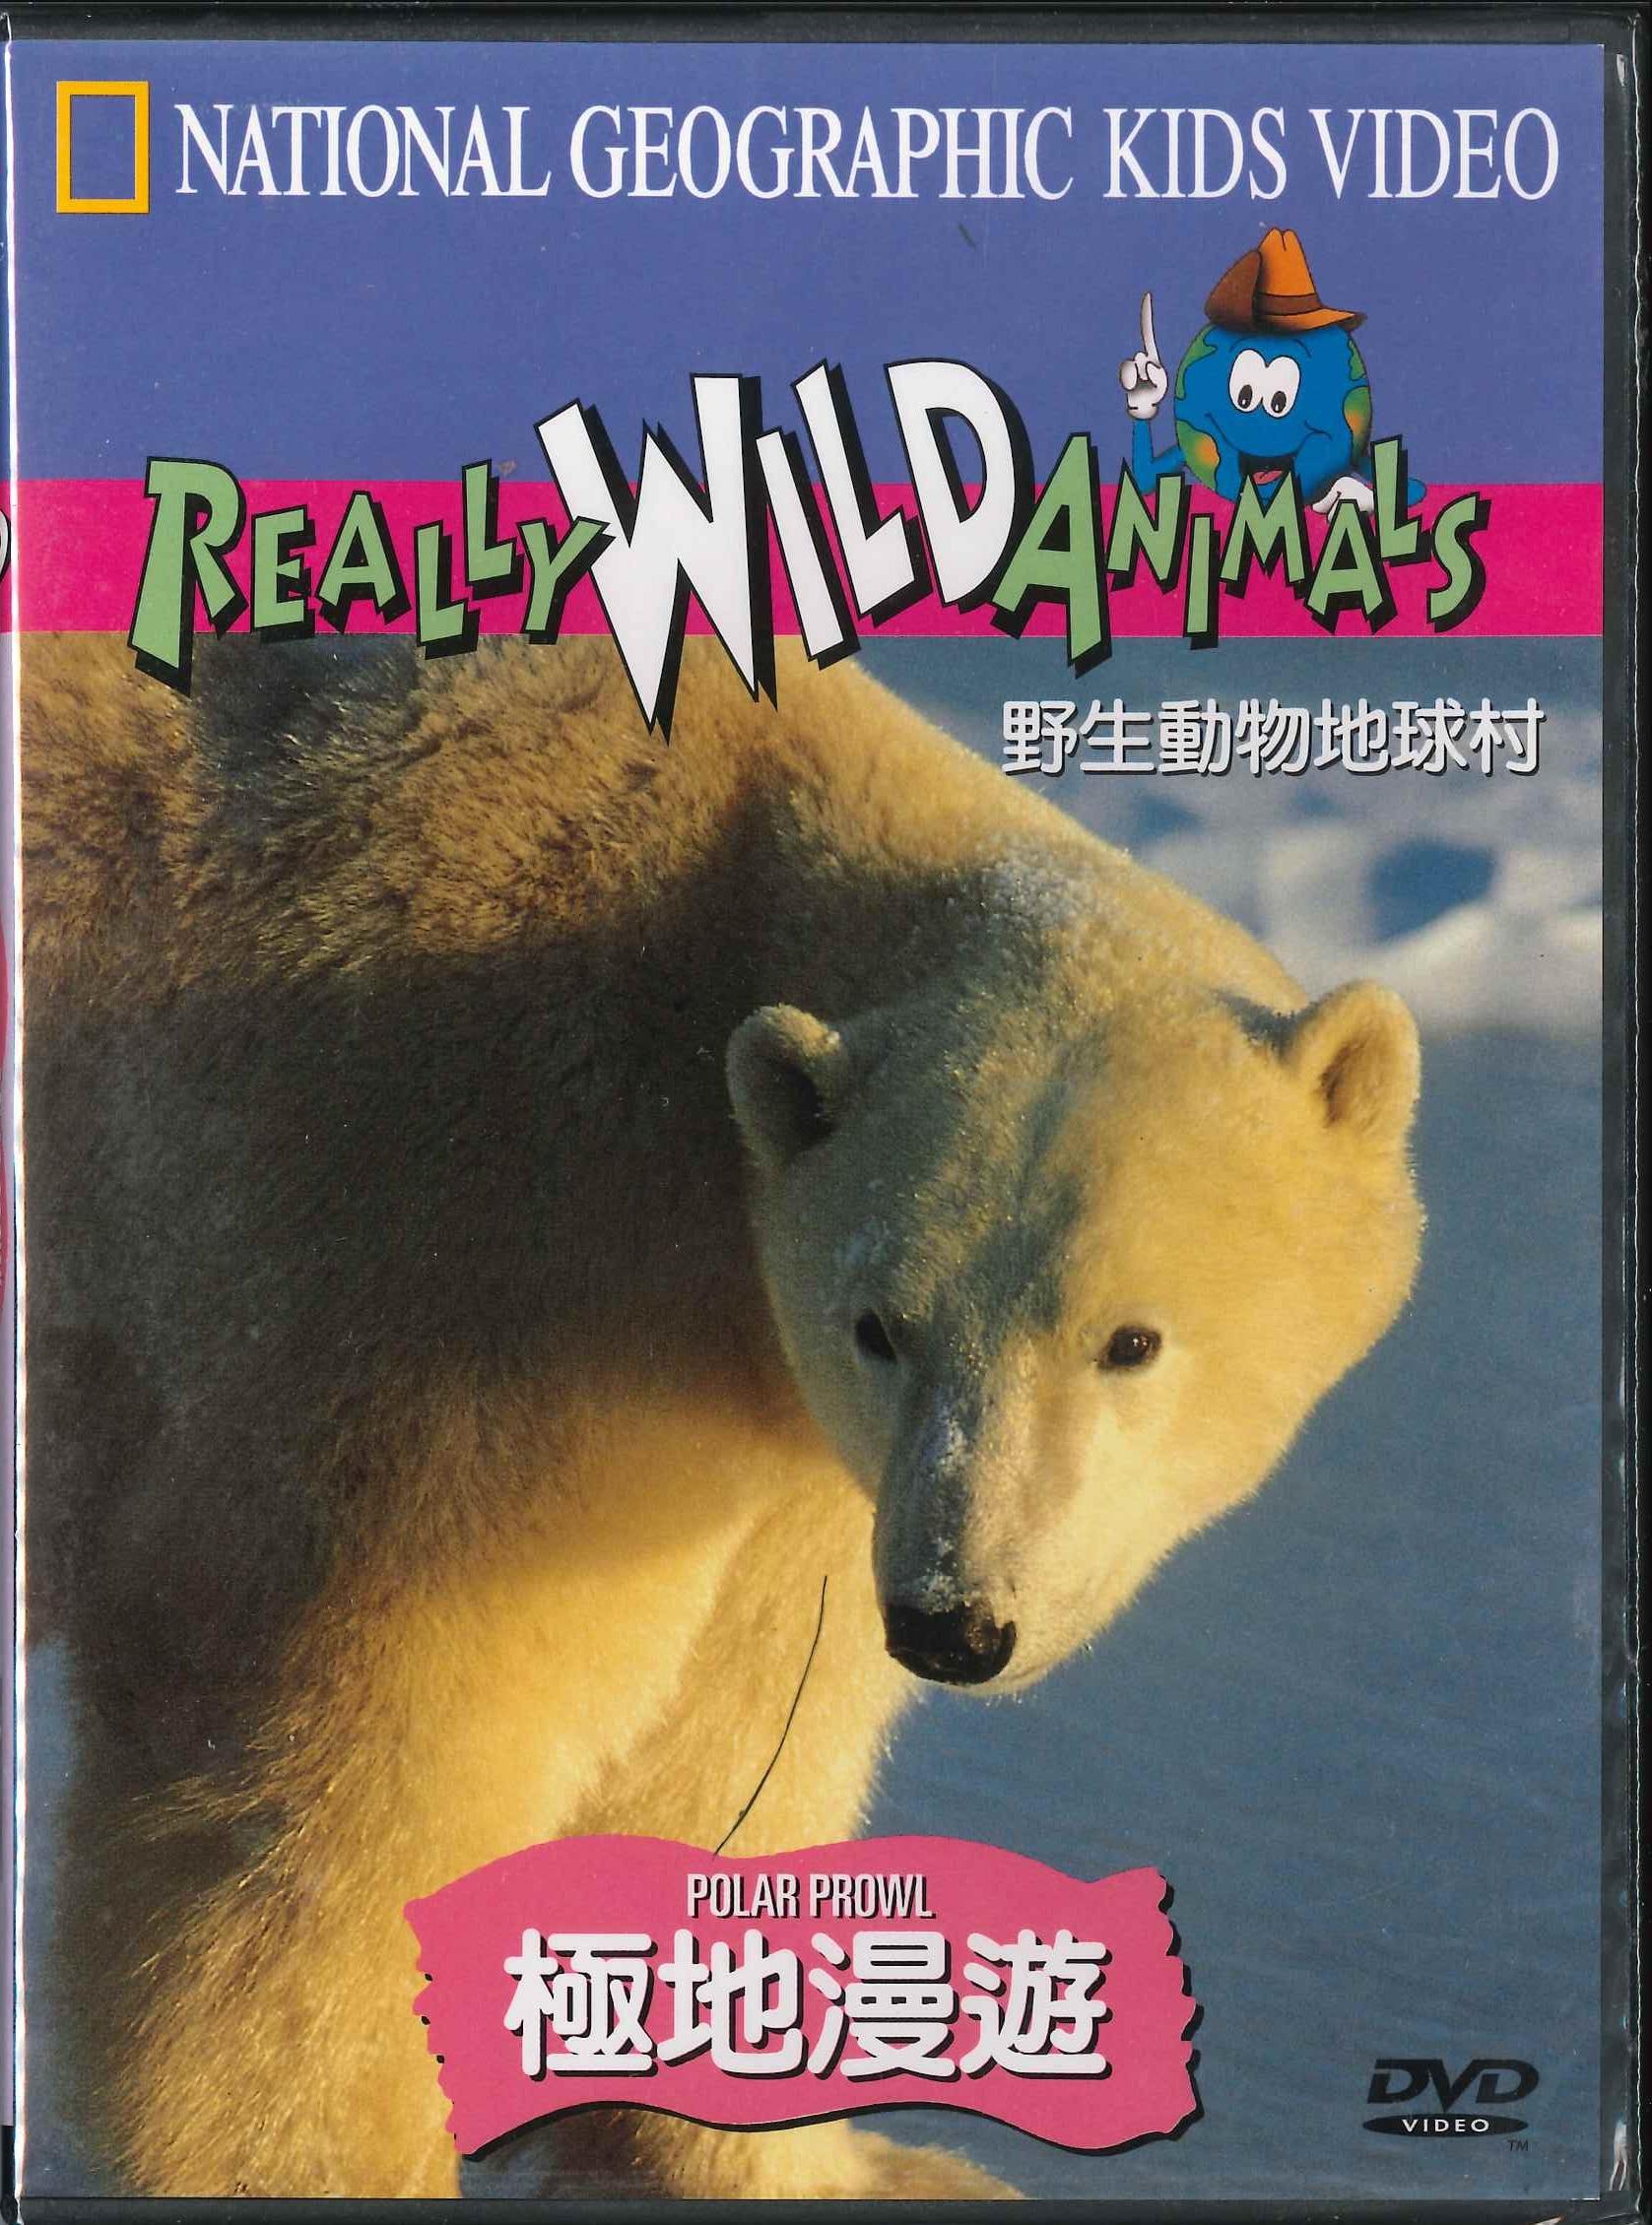 極地漫遊 [錄影資料]=Polar prowl